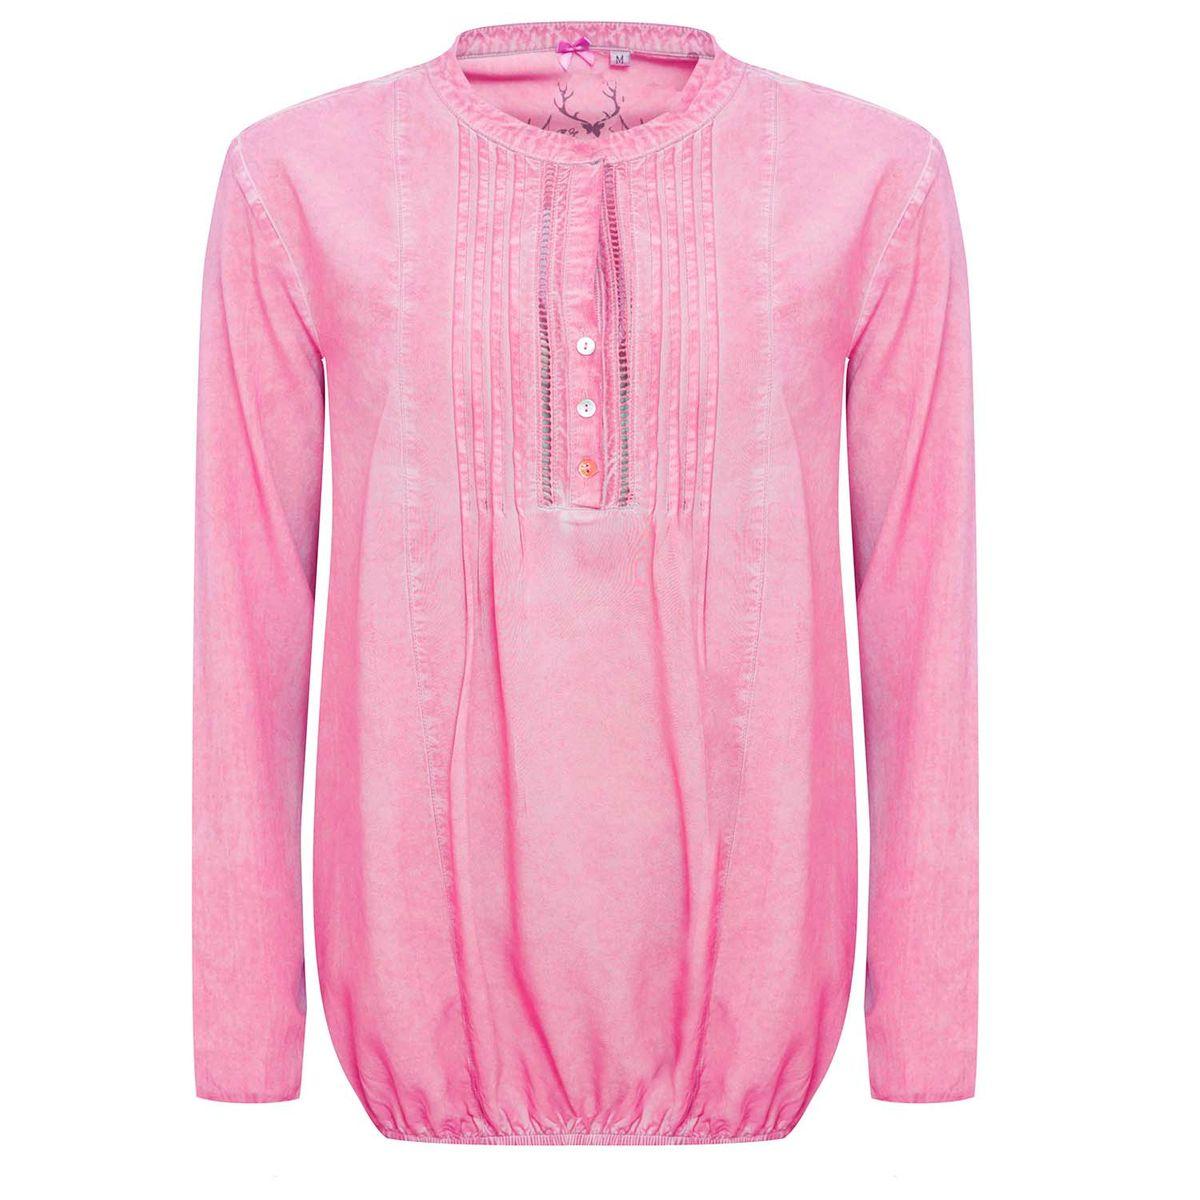 Trachtenshirt Alma in Pink von Marjo Trachten günstig online kaufen